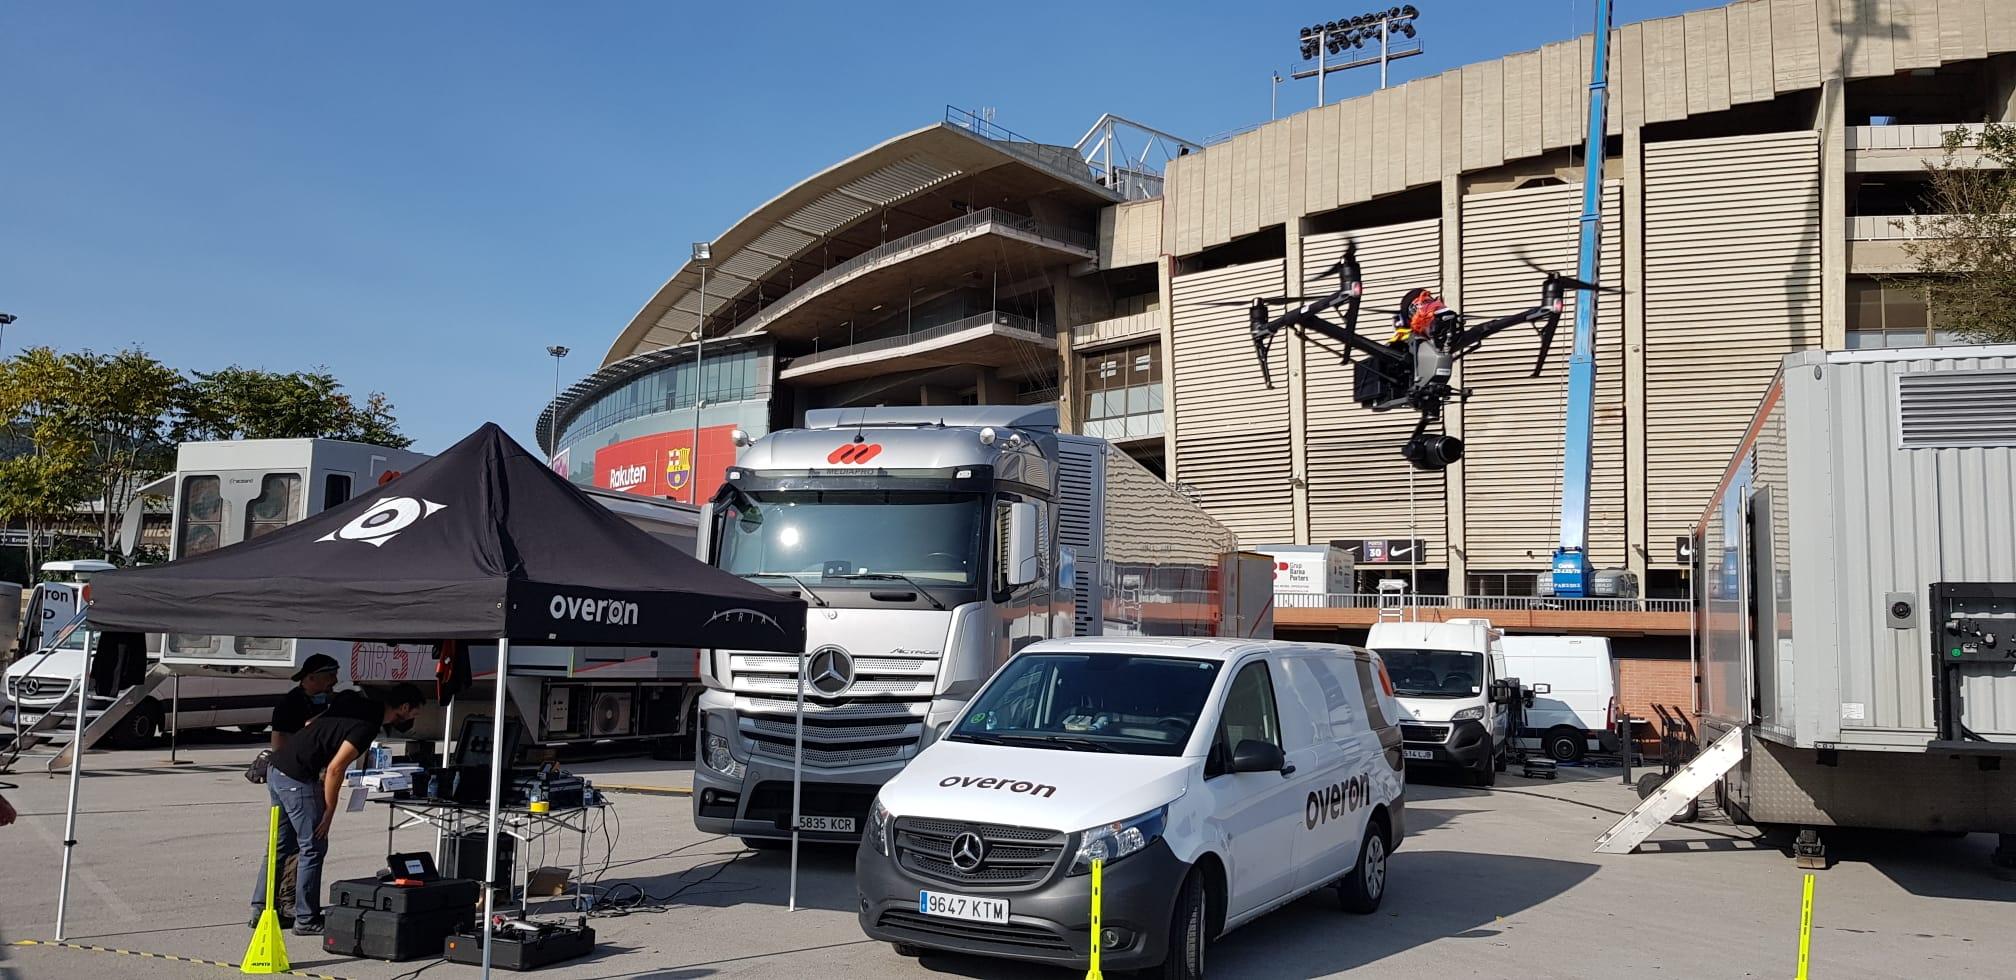 Live drone dækning af FC Barcelona Real Madrid El Classico